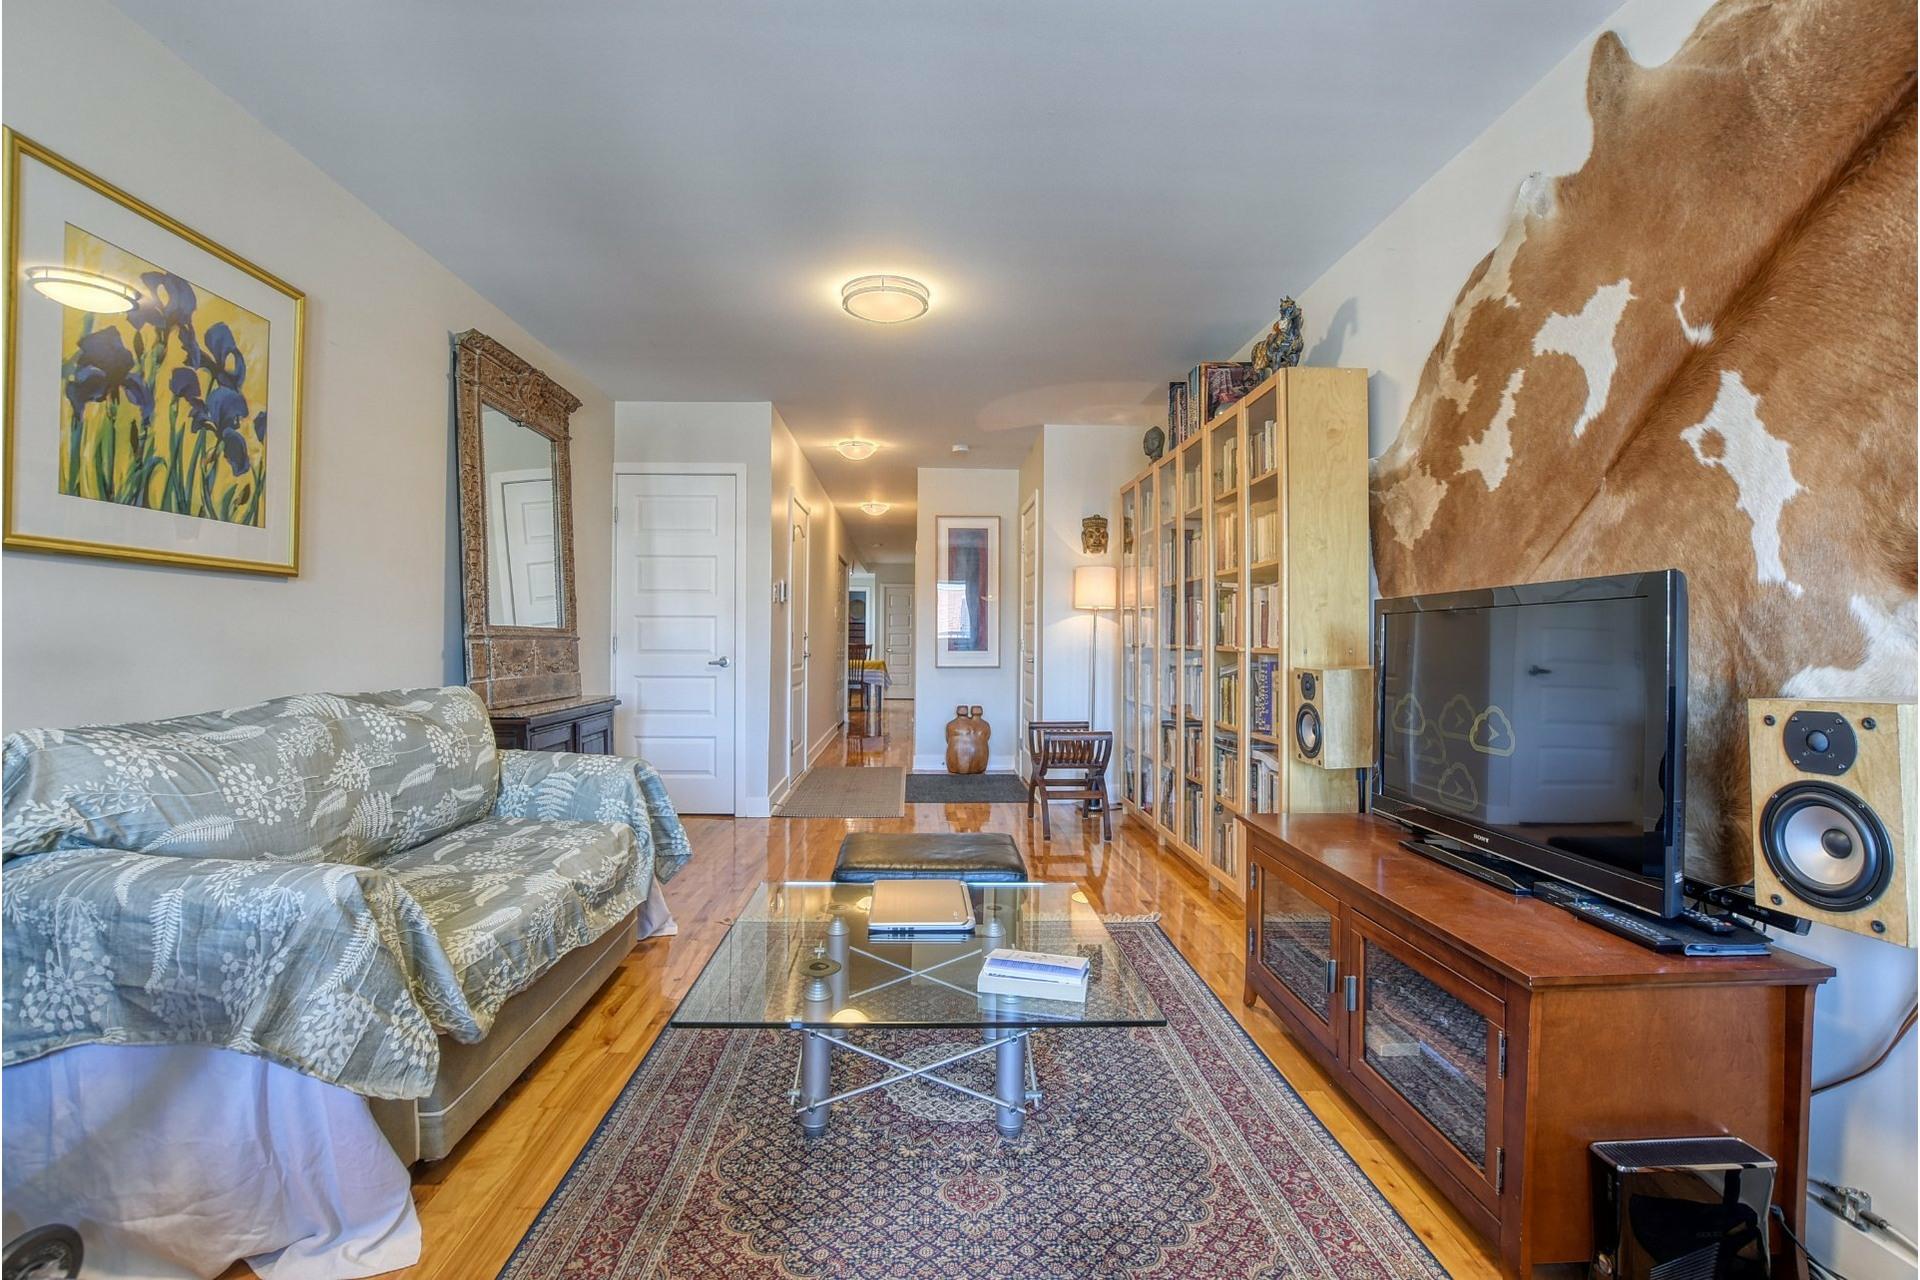 image 3 - Appartement À vendre Mercier/Hochelaga-Maisonneuve Montréal  - 4 pièces